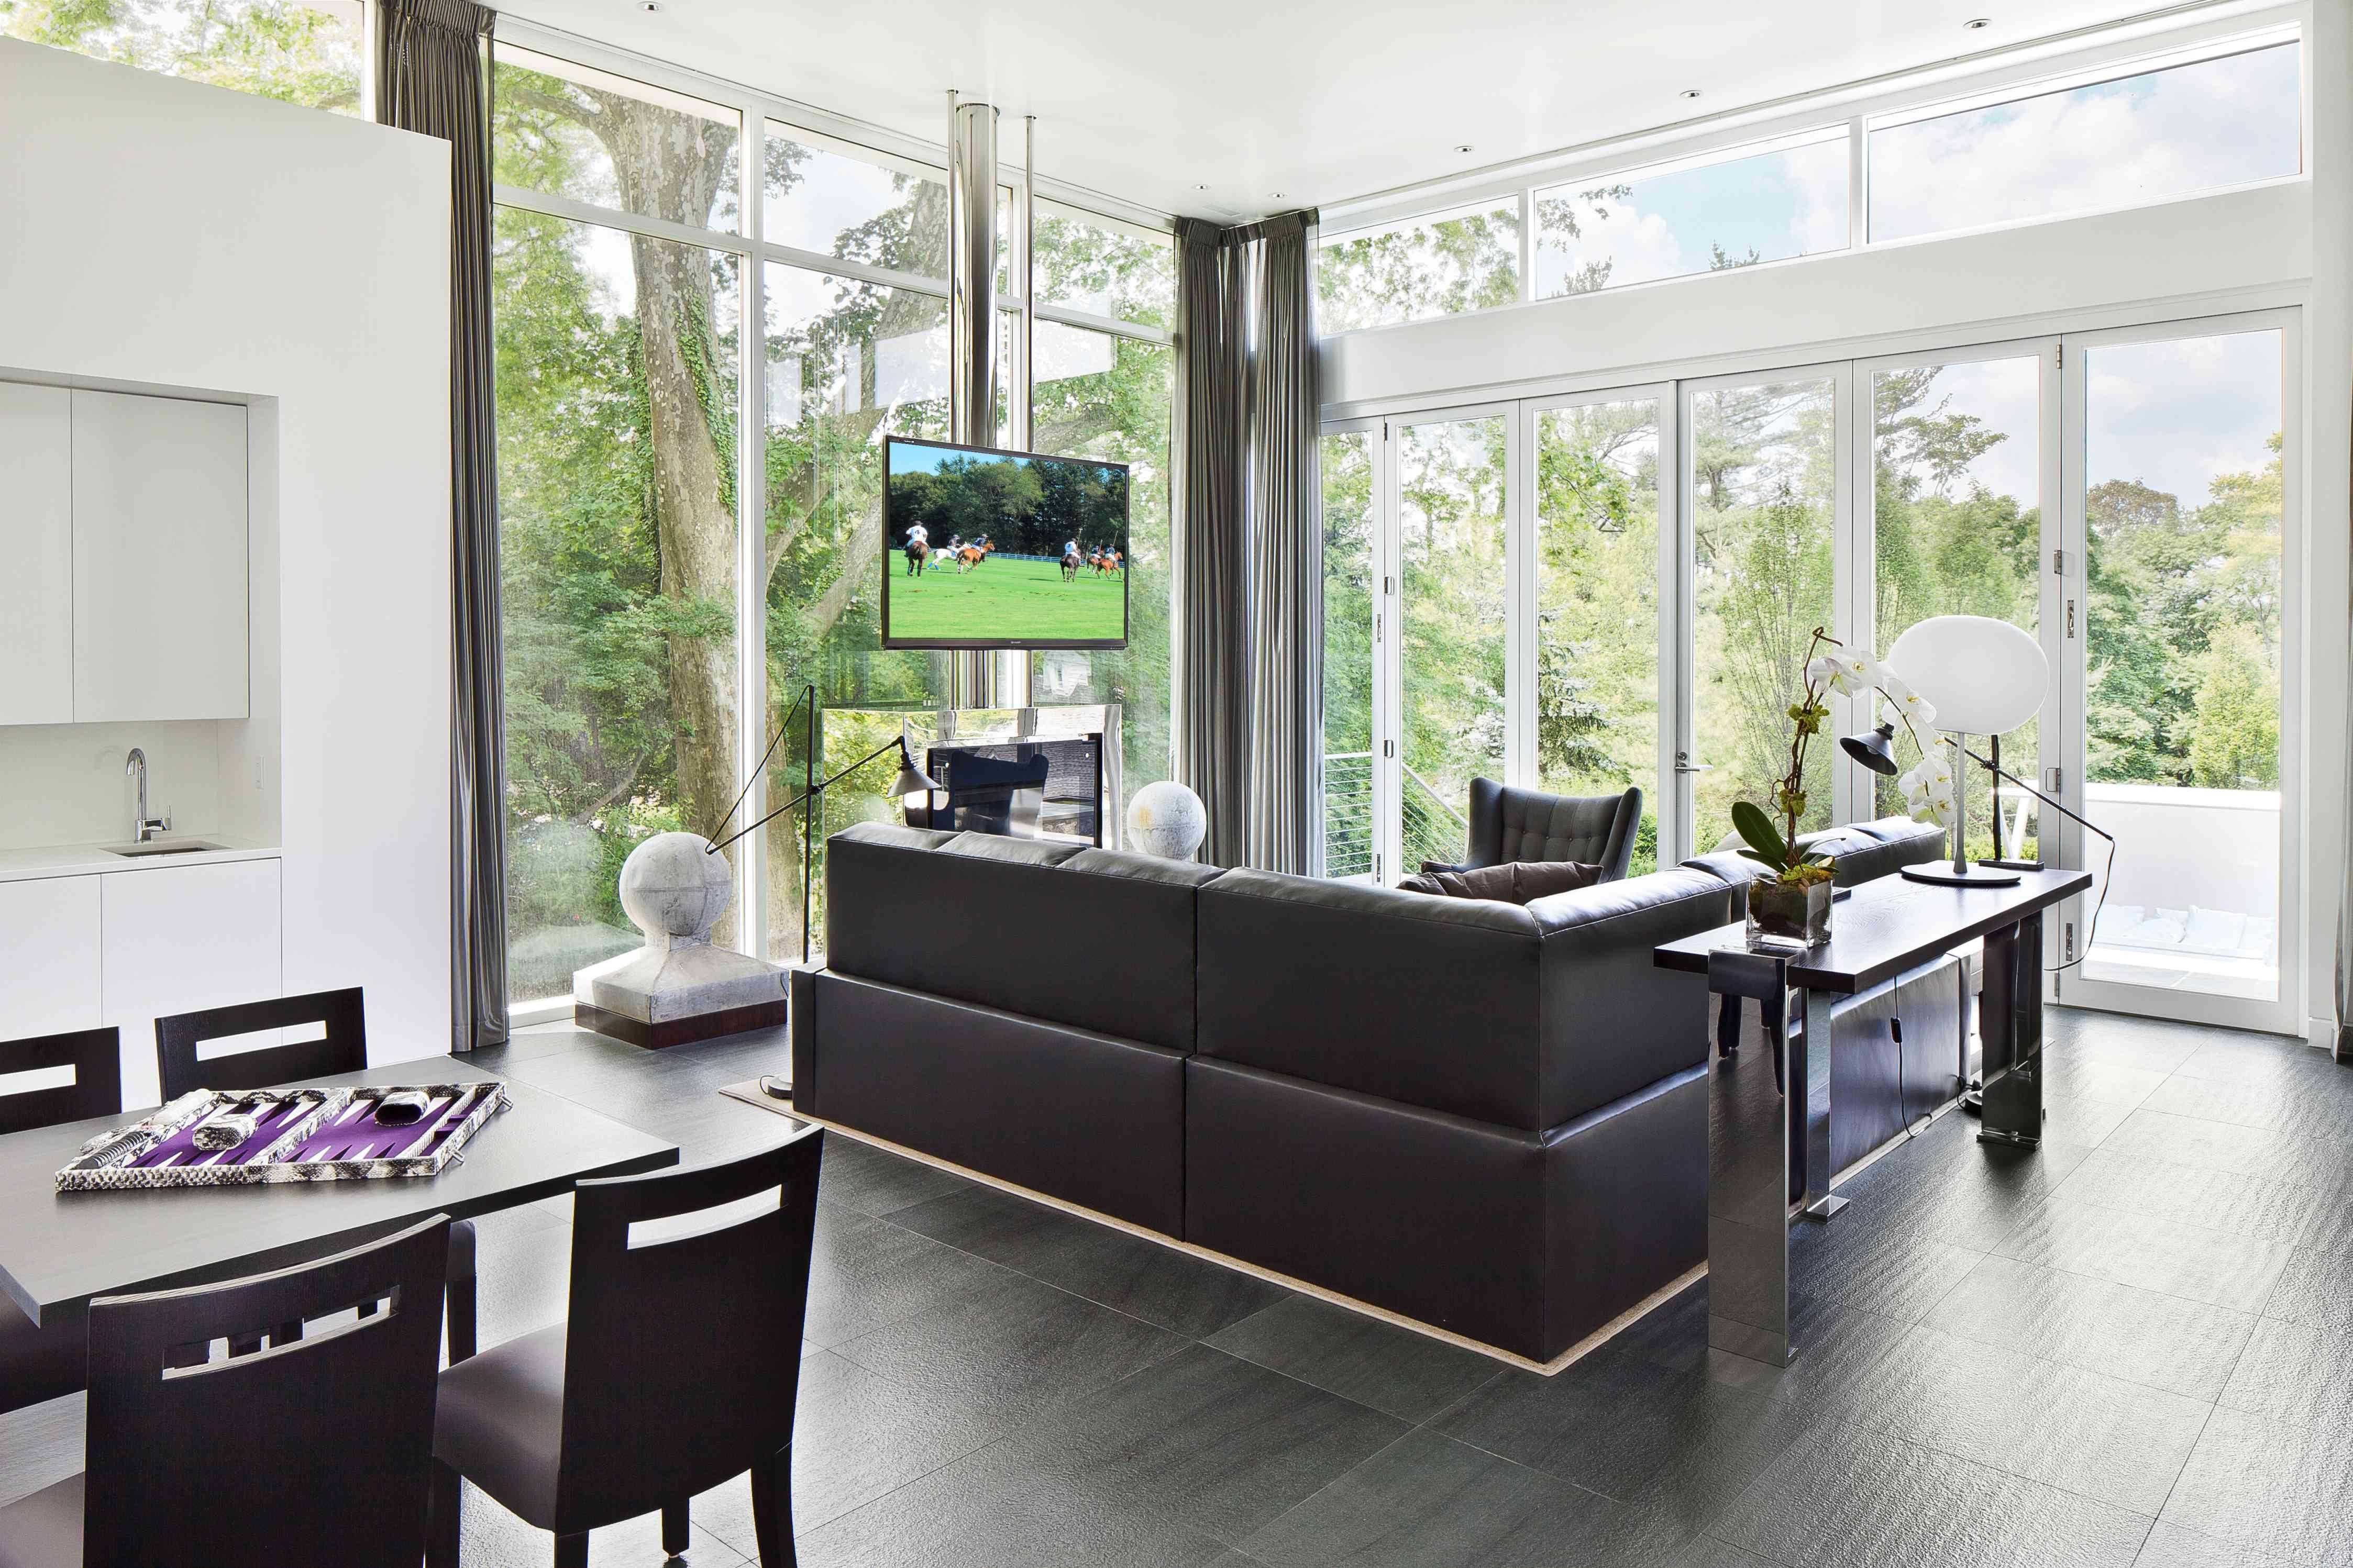 Adición de una nueva casa con paredes de vidrio